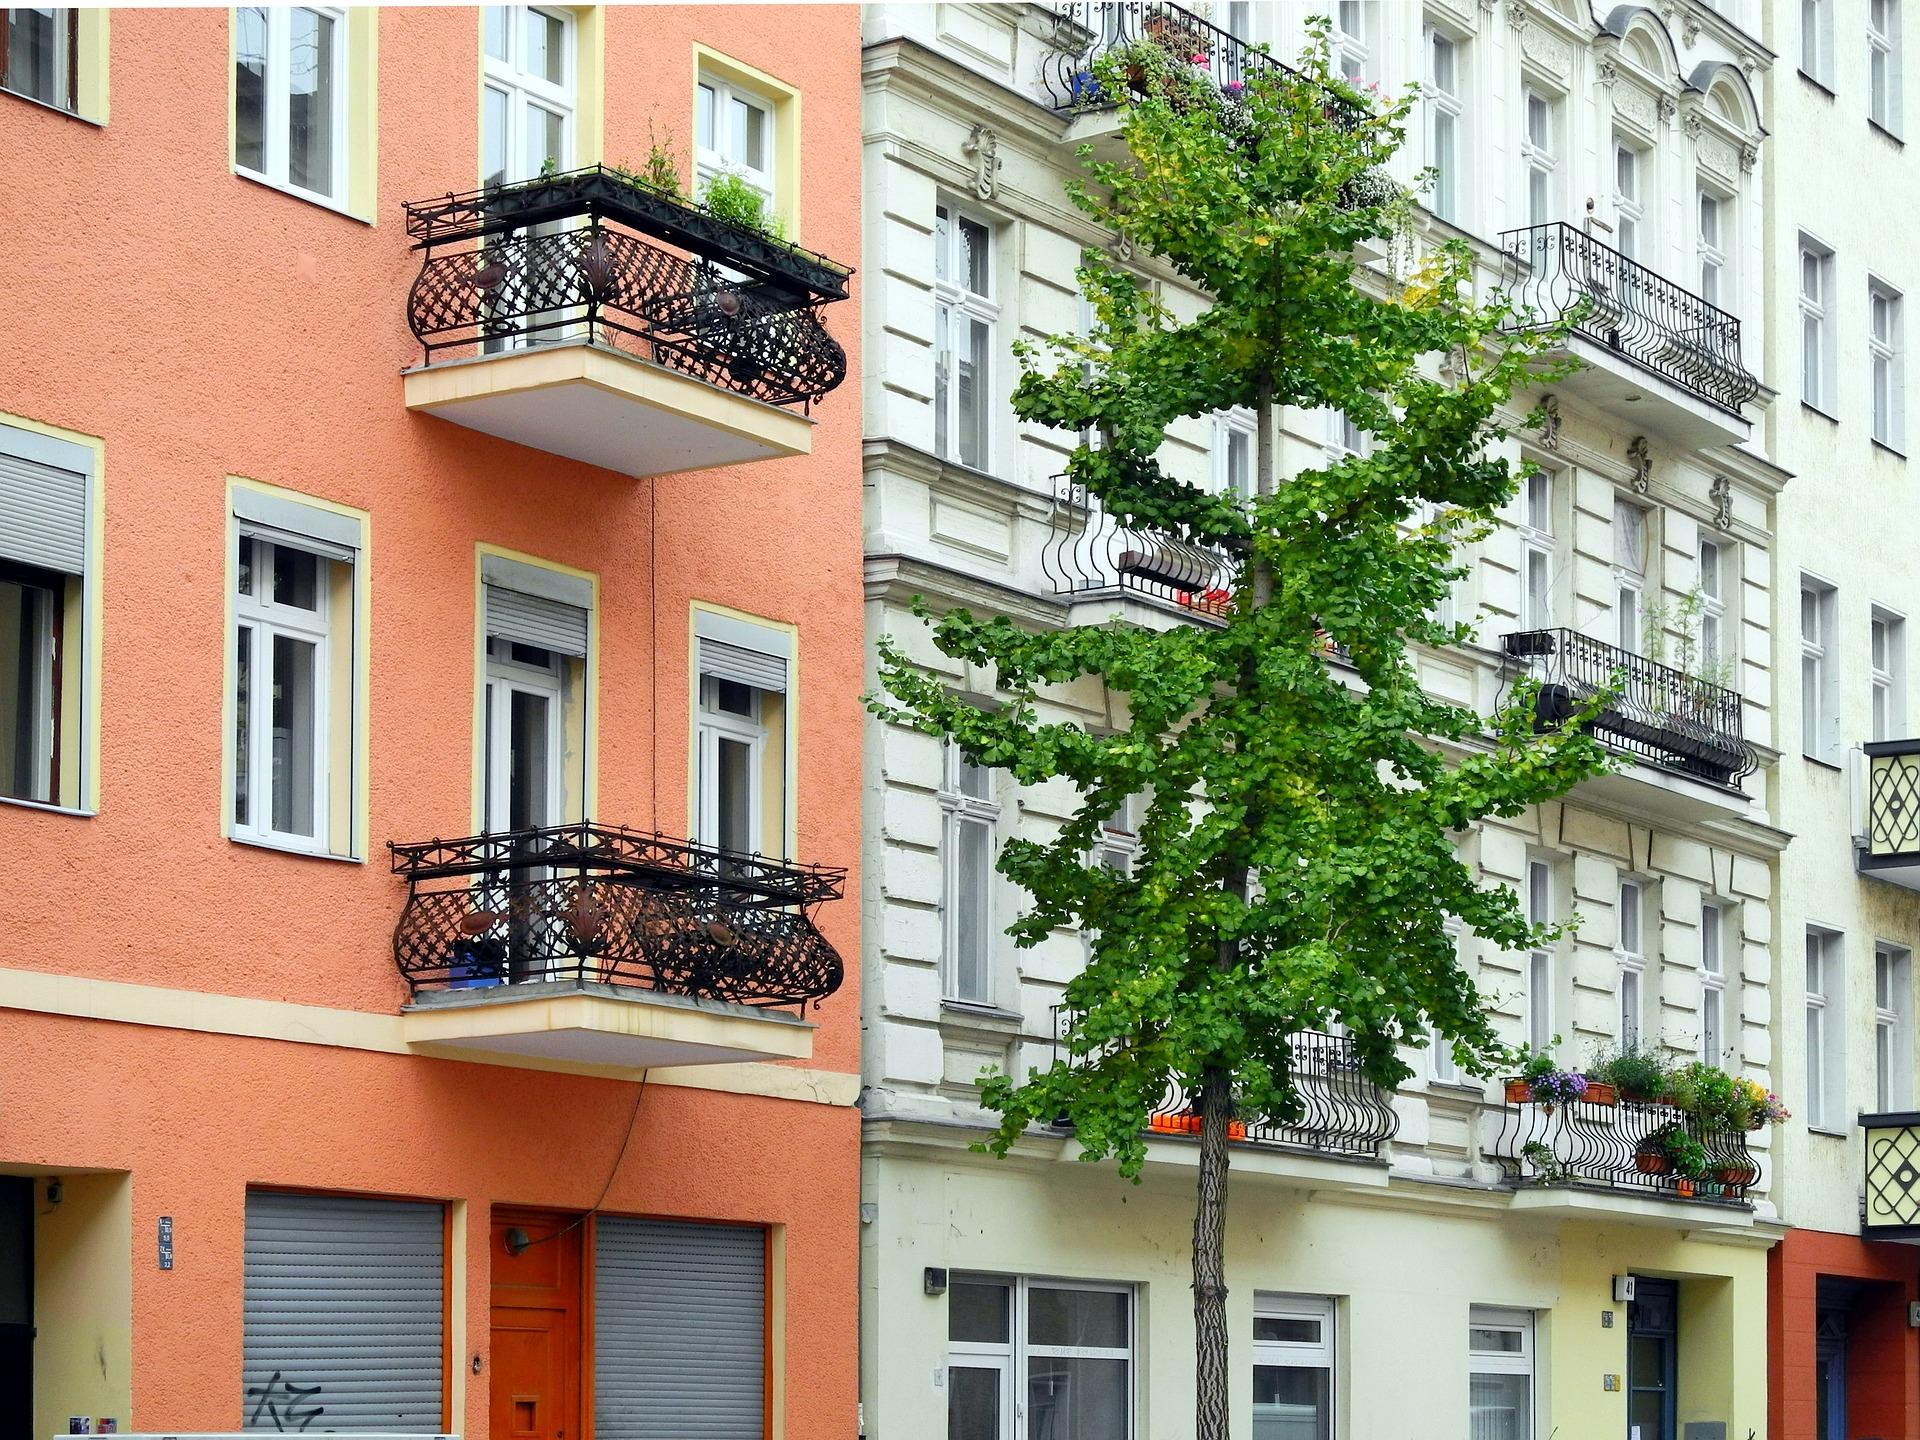 Hausbesuche der Pysiotherapeutischen Praxis am Kurfürstendamm 226 in Berln Mitte.